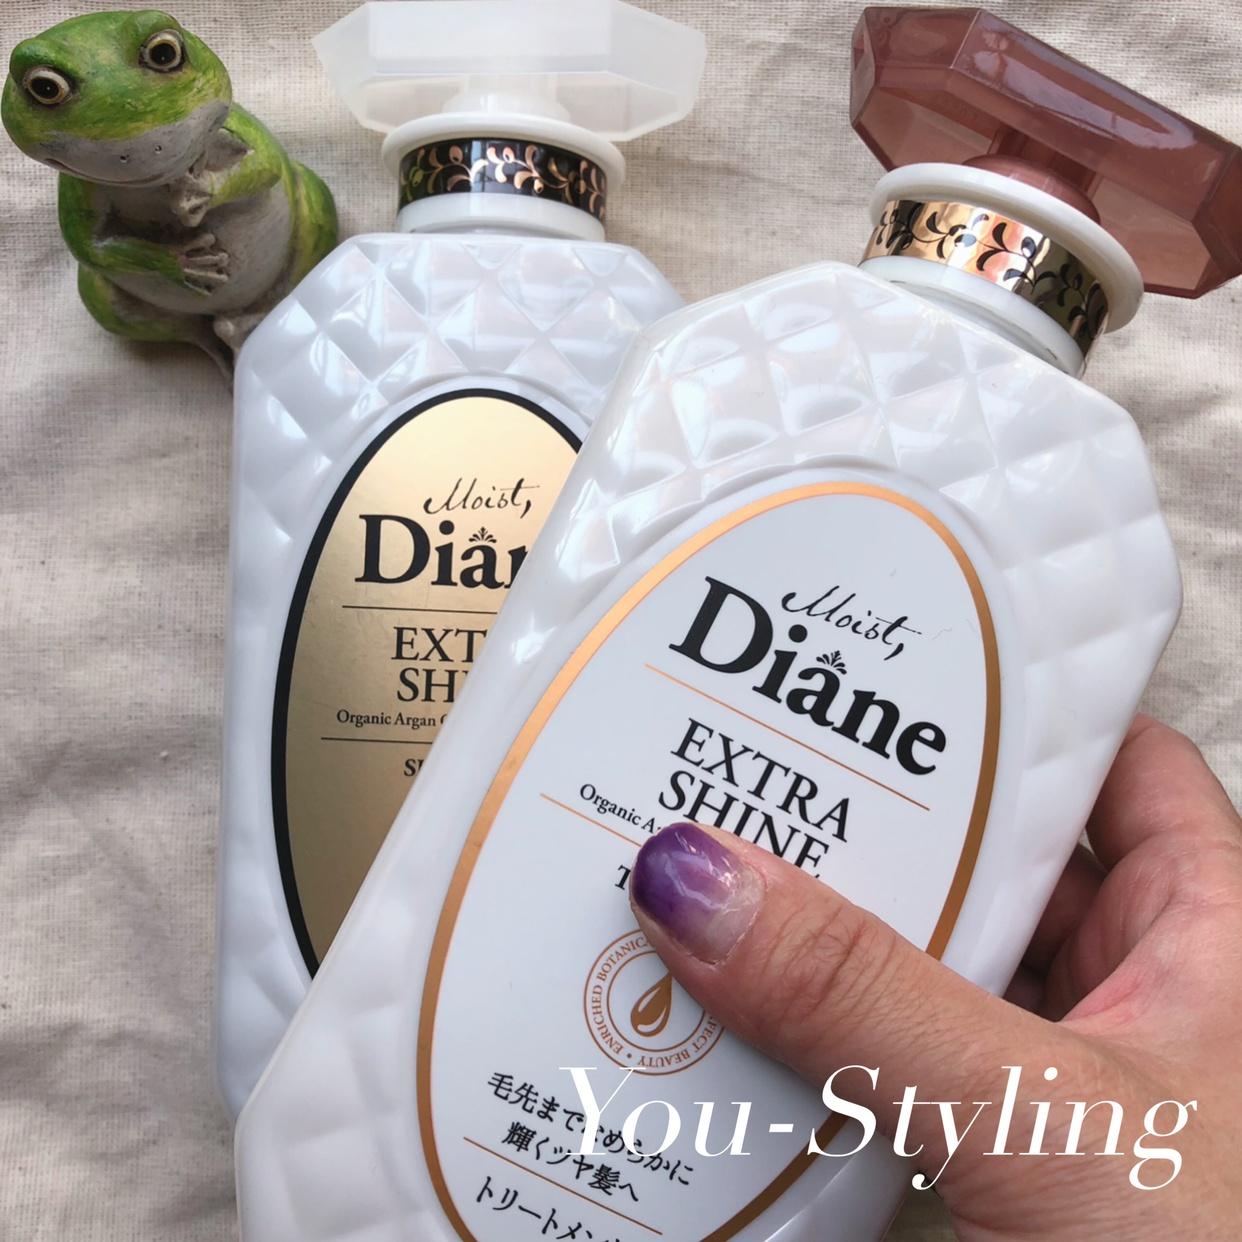 Diane(ダイアン) エクストラシャイン シャンプーを使った國唯ひろみさんのクチコミ画像